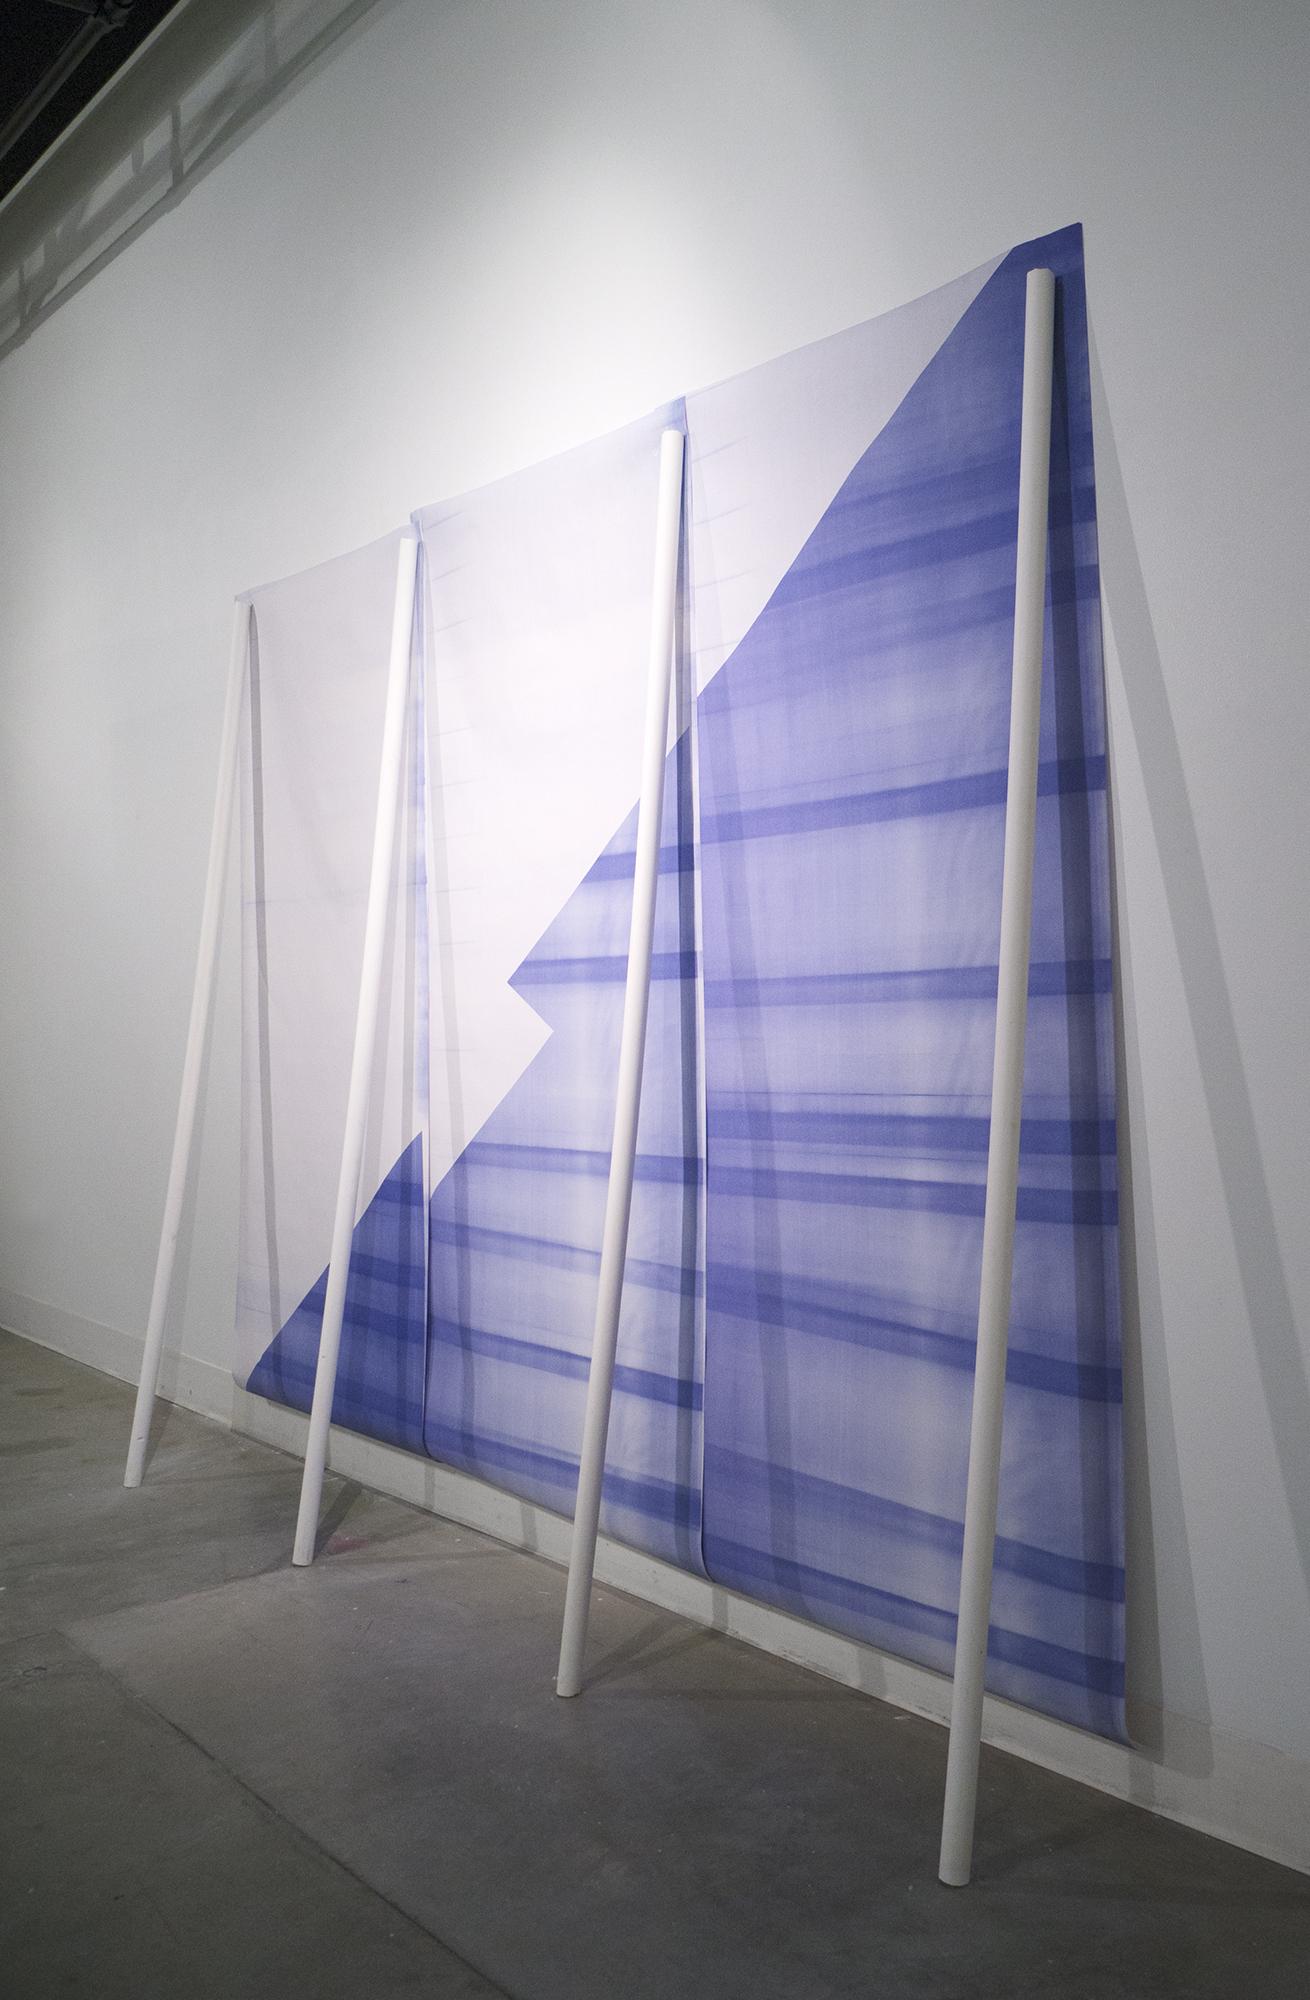 Blueprint for a Banner for a Blueprint    2014  diazo blueprints, cast plaster columns